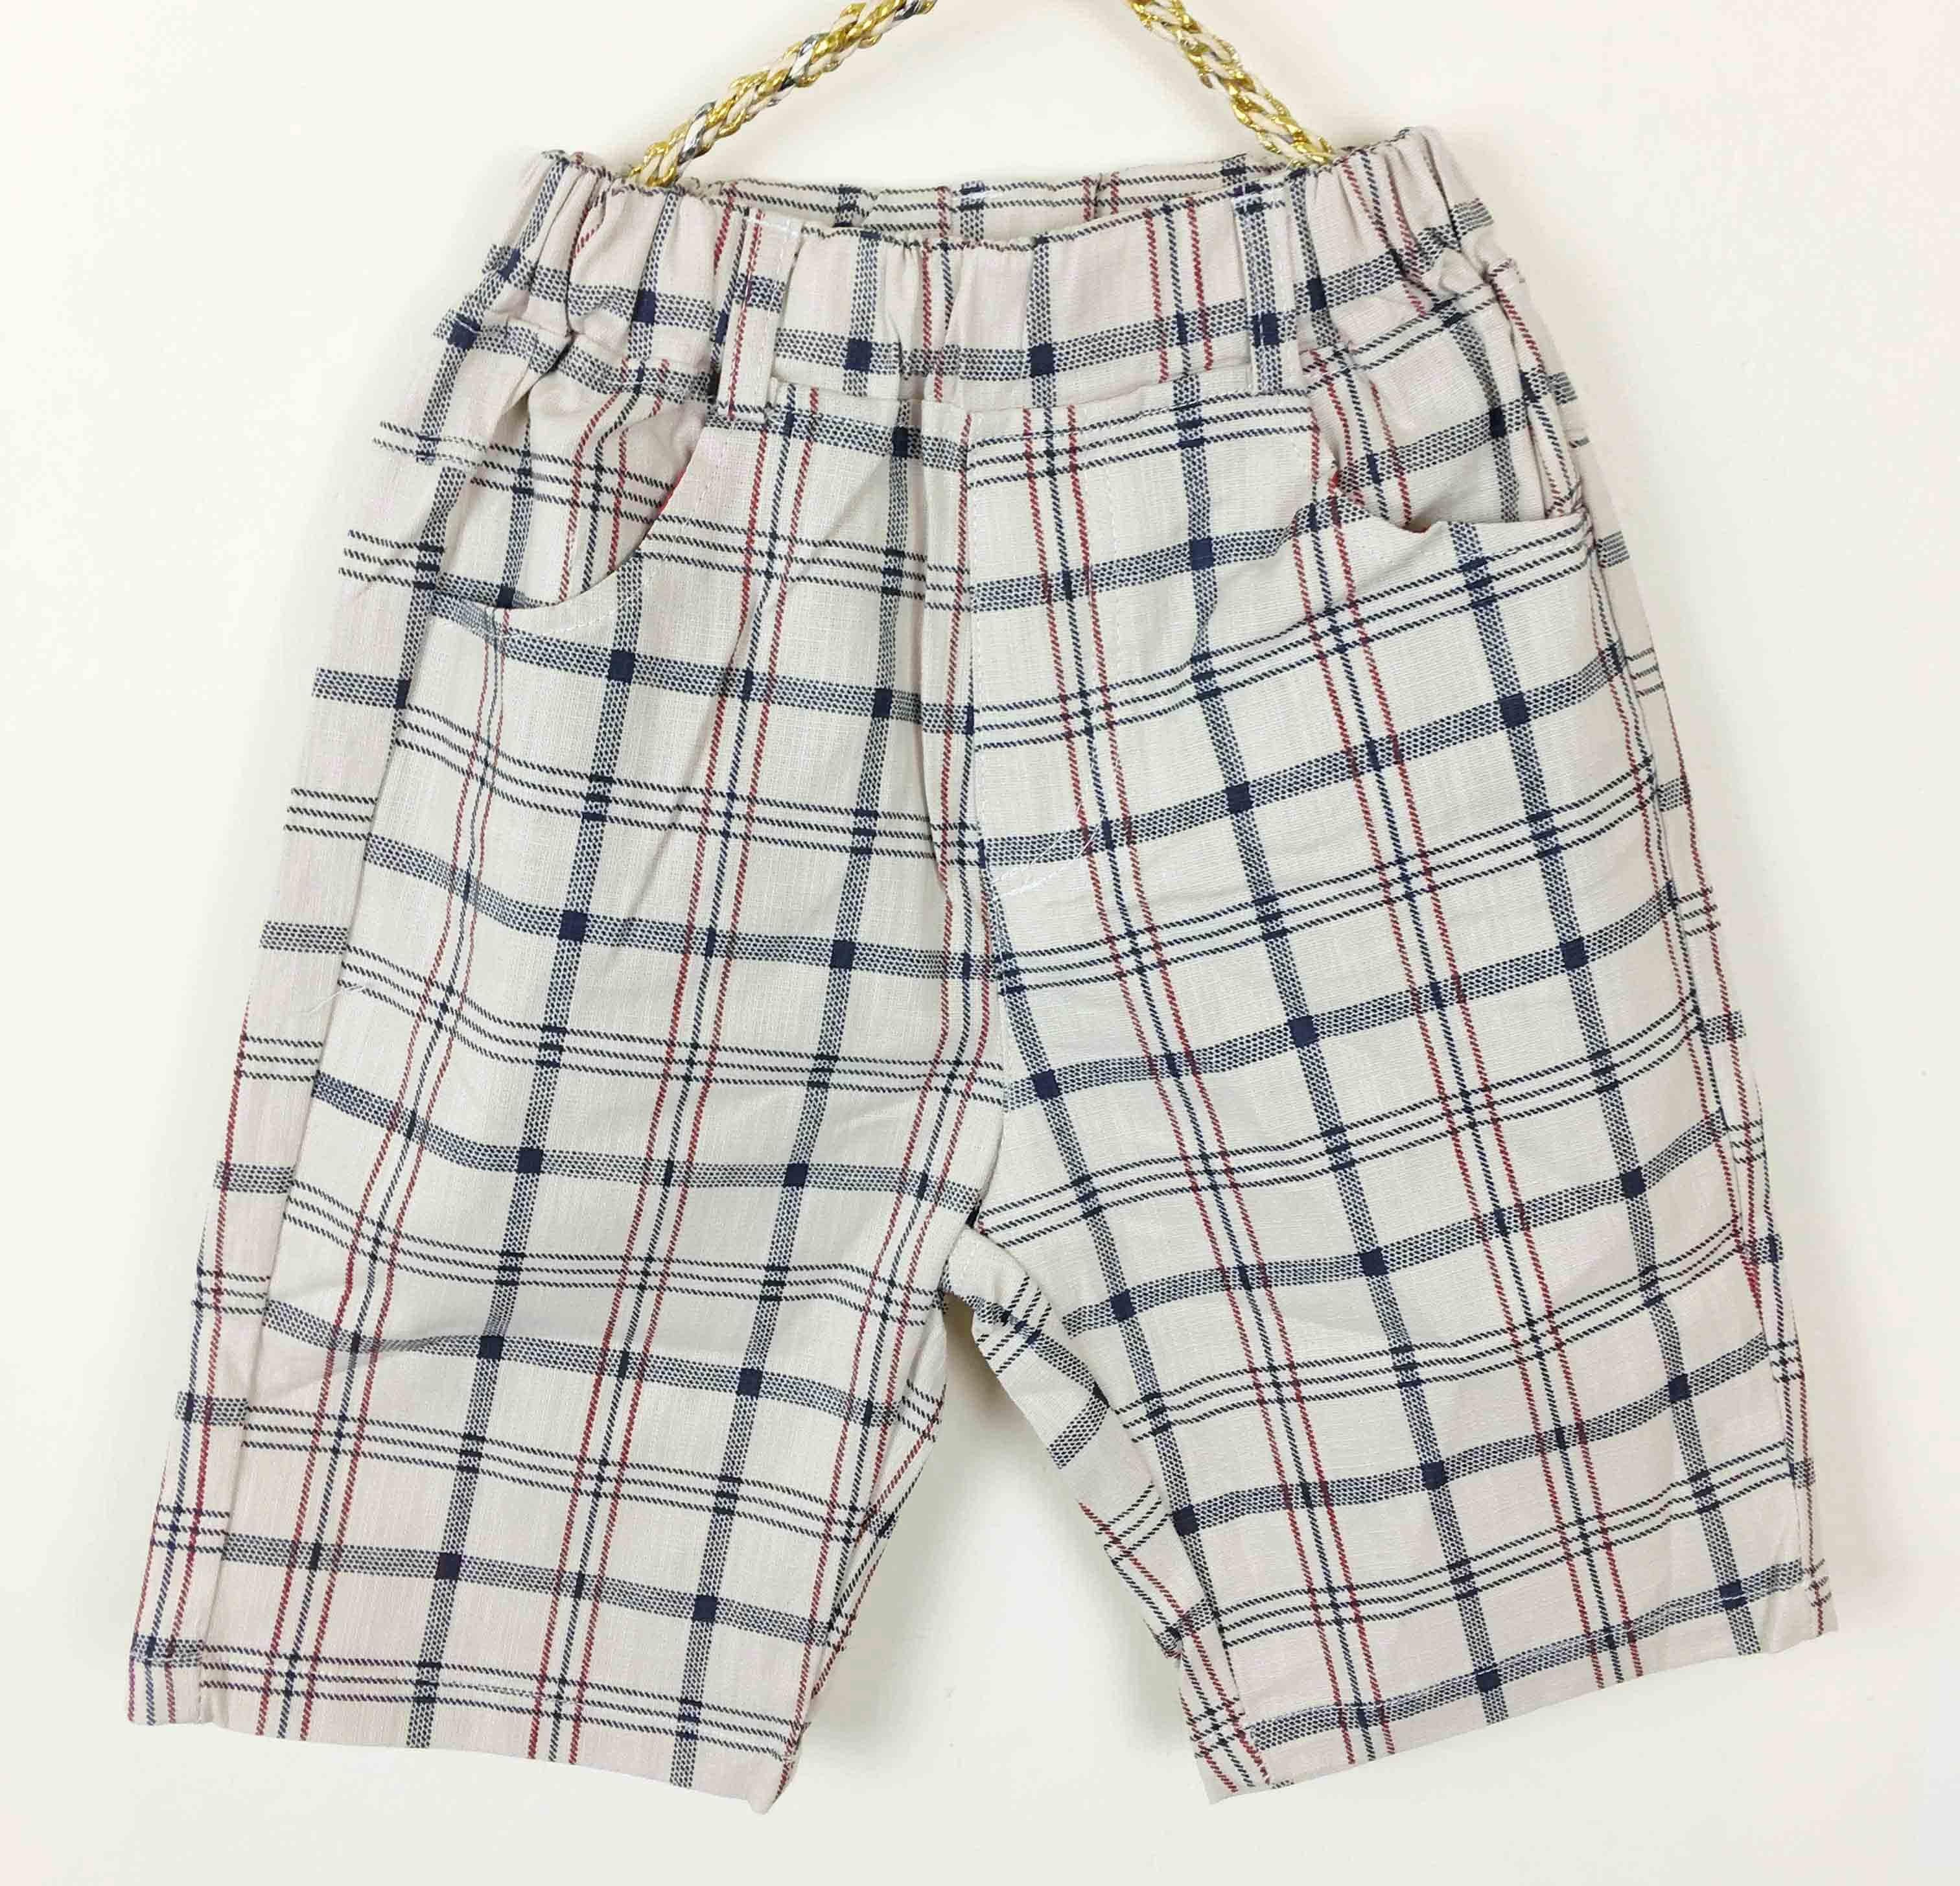 滿699免運【MONKEY BABY 】棉麻質料格子短褲(372020